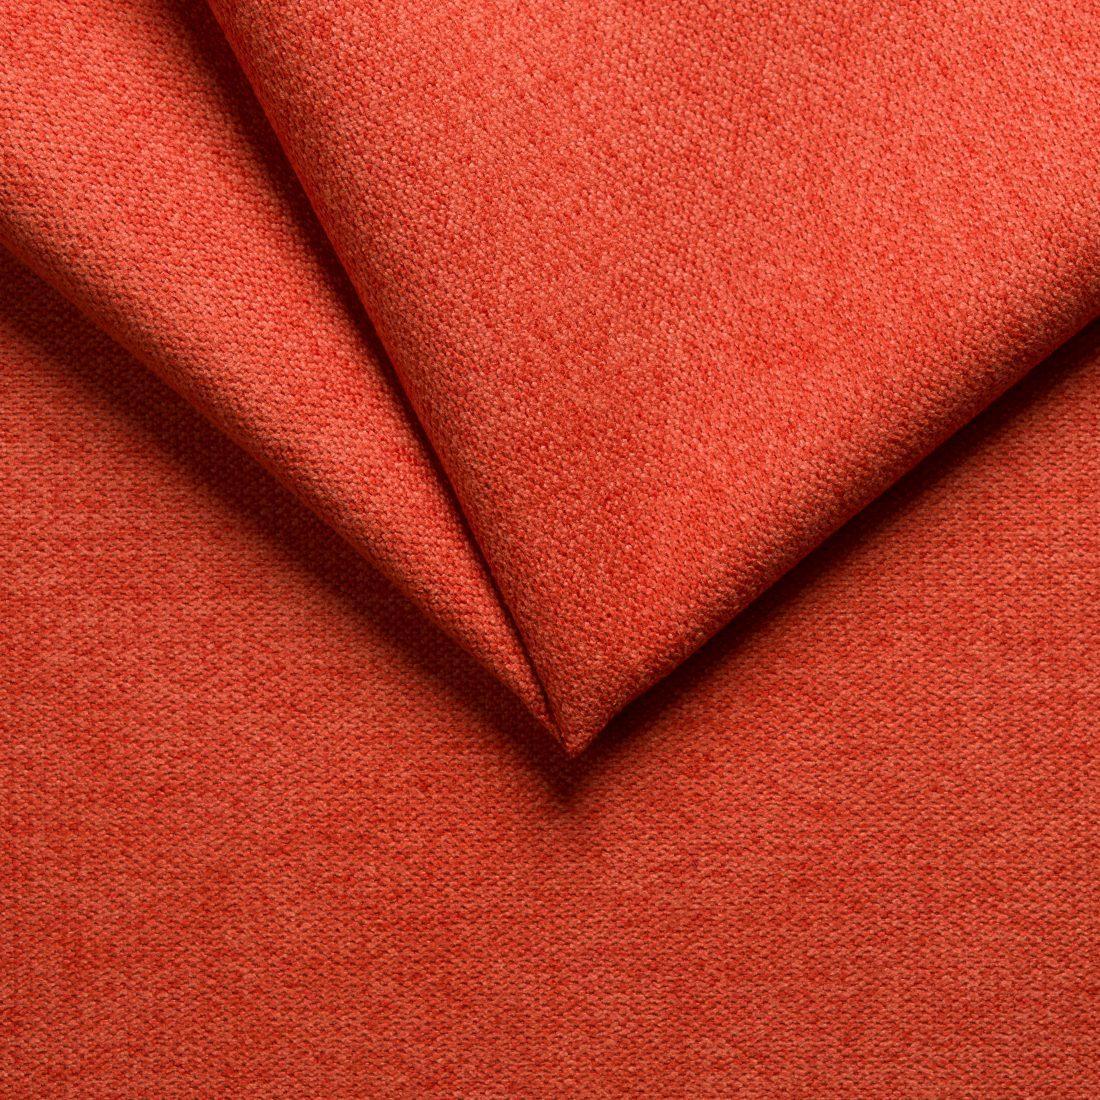 Мебельная ткань Enjoy 13 Orange, микрофибра